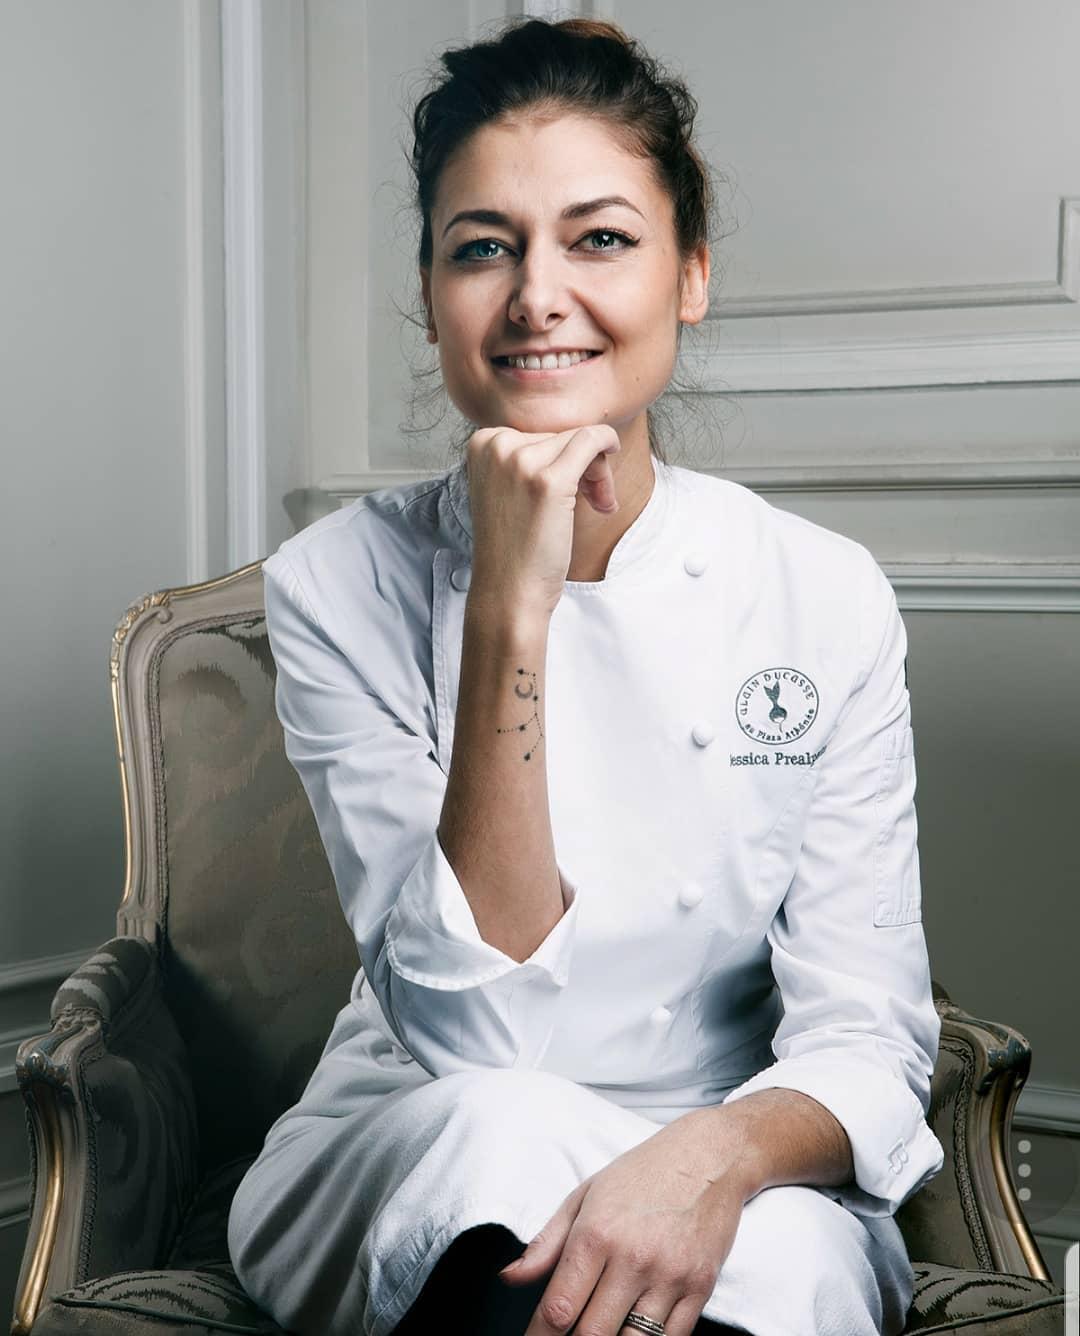 巴黎五星級酒店 Hotel Plaza Athénée 三星餐廳甜點主廚 Jessica Préalpato,日前獲得世界50最佳餐廳頒發「2019 全球最佳甜點主廚」桂冠。(照片來源:Instagram| @jessicapréalpato )